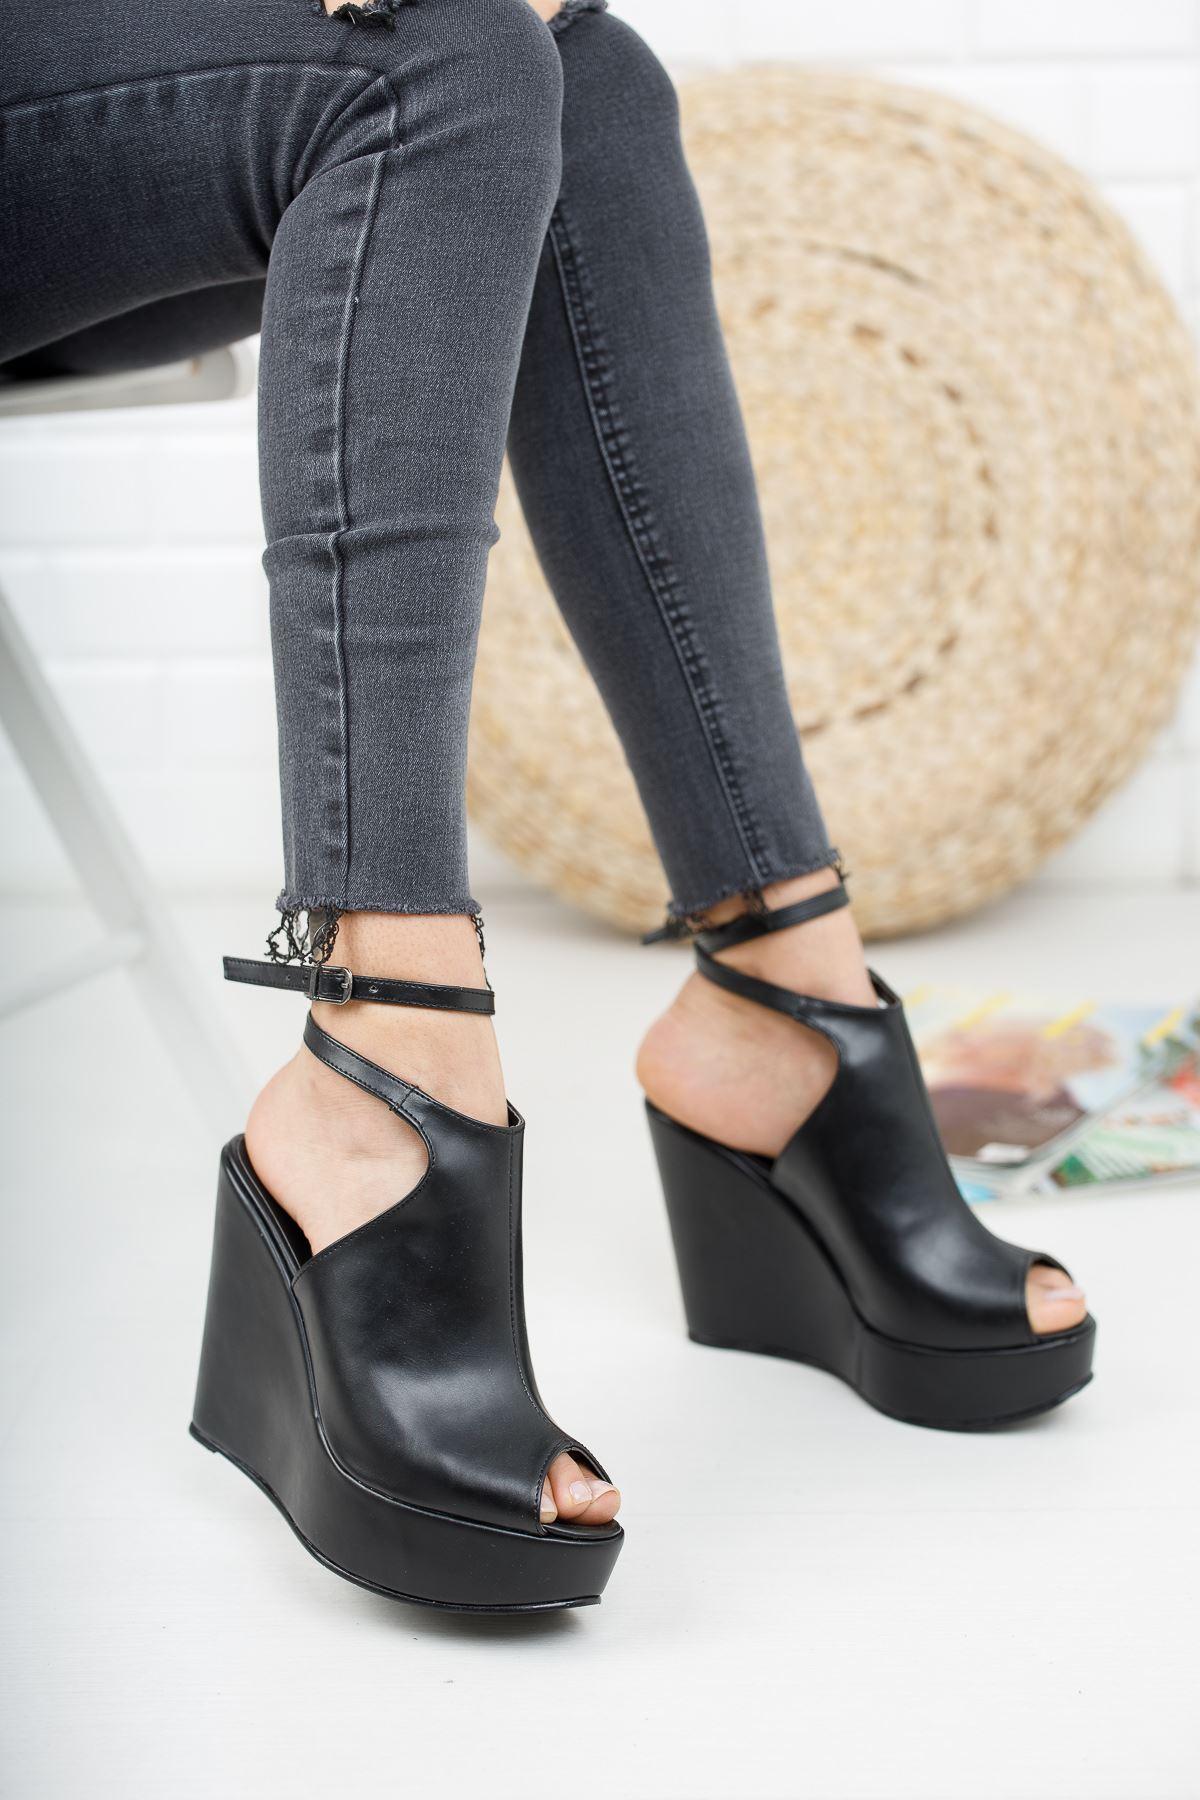 Aleria Siyah Cilt Dolgu Topuklu Kadın Ayakkabı